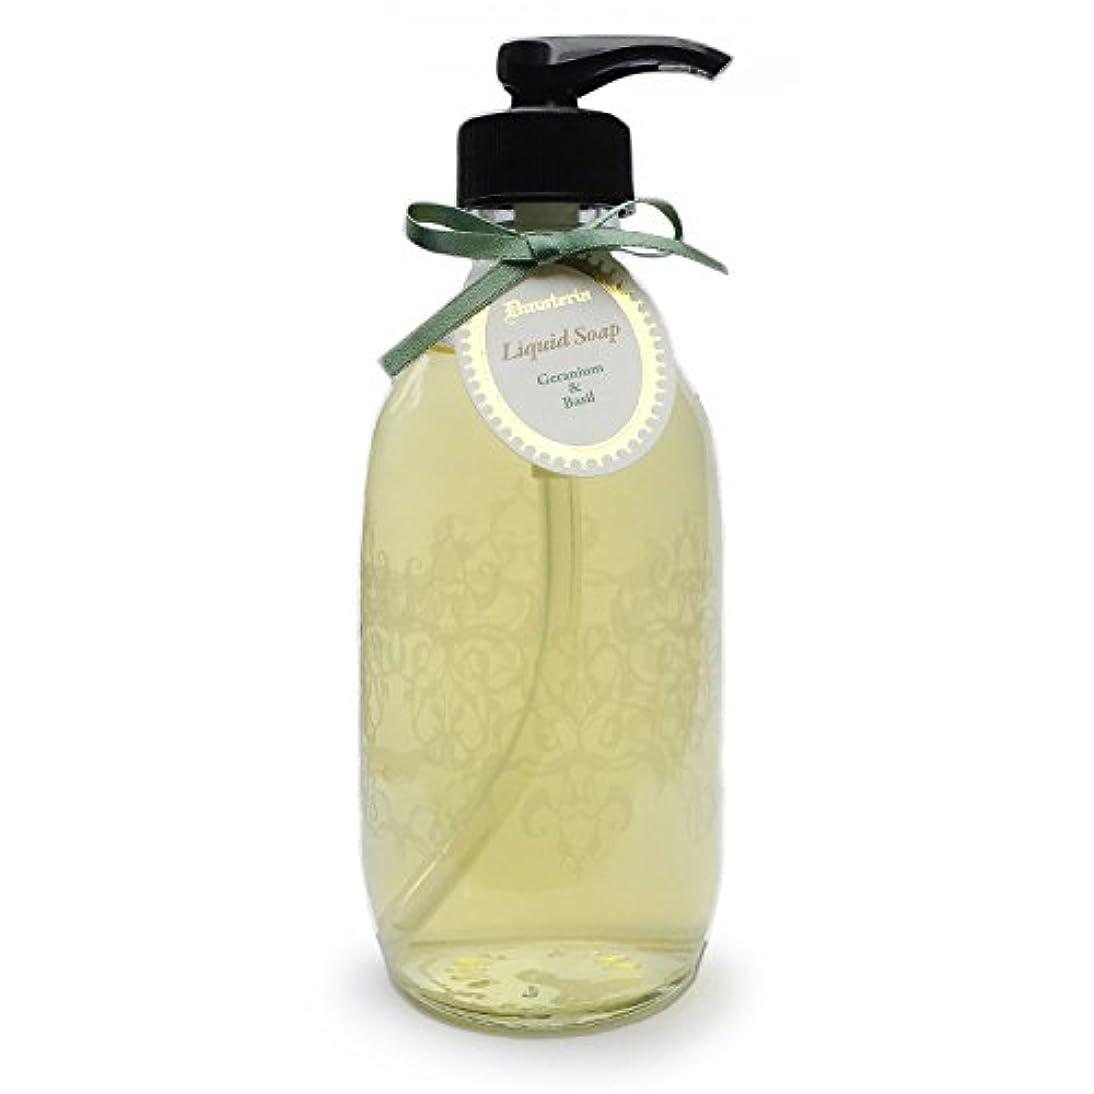 大惨事ウェーハ動詞D materia リキッドソープ ゼラニウム&バジル Geranium&Basil Liquid Soap ディーマテリア